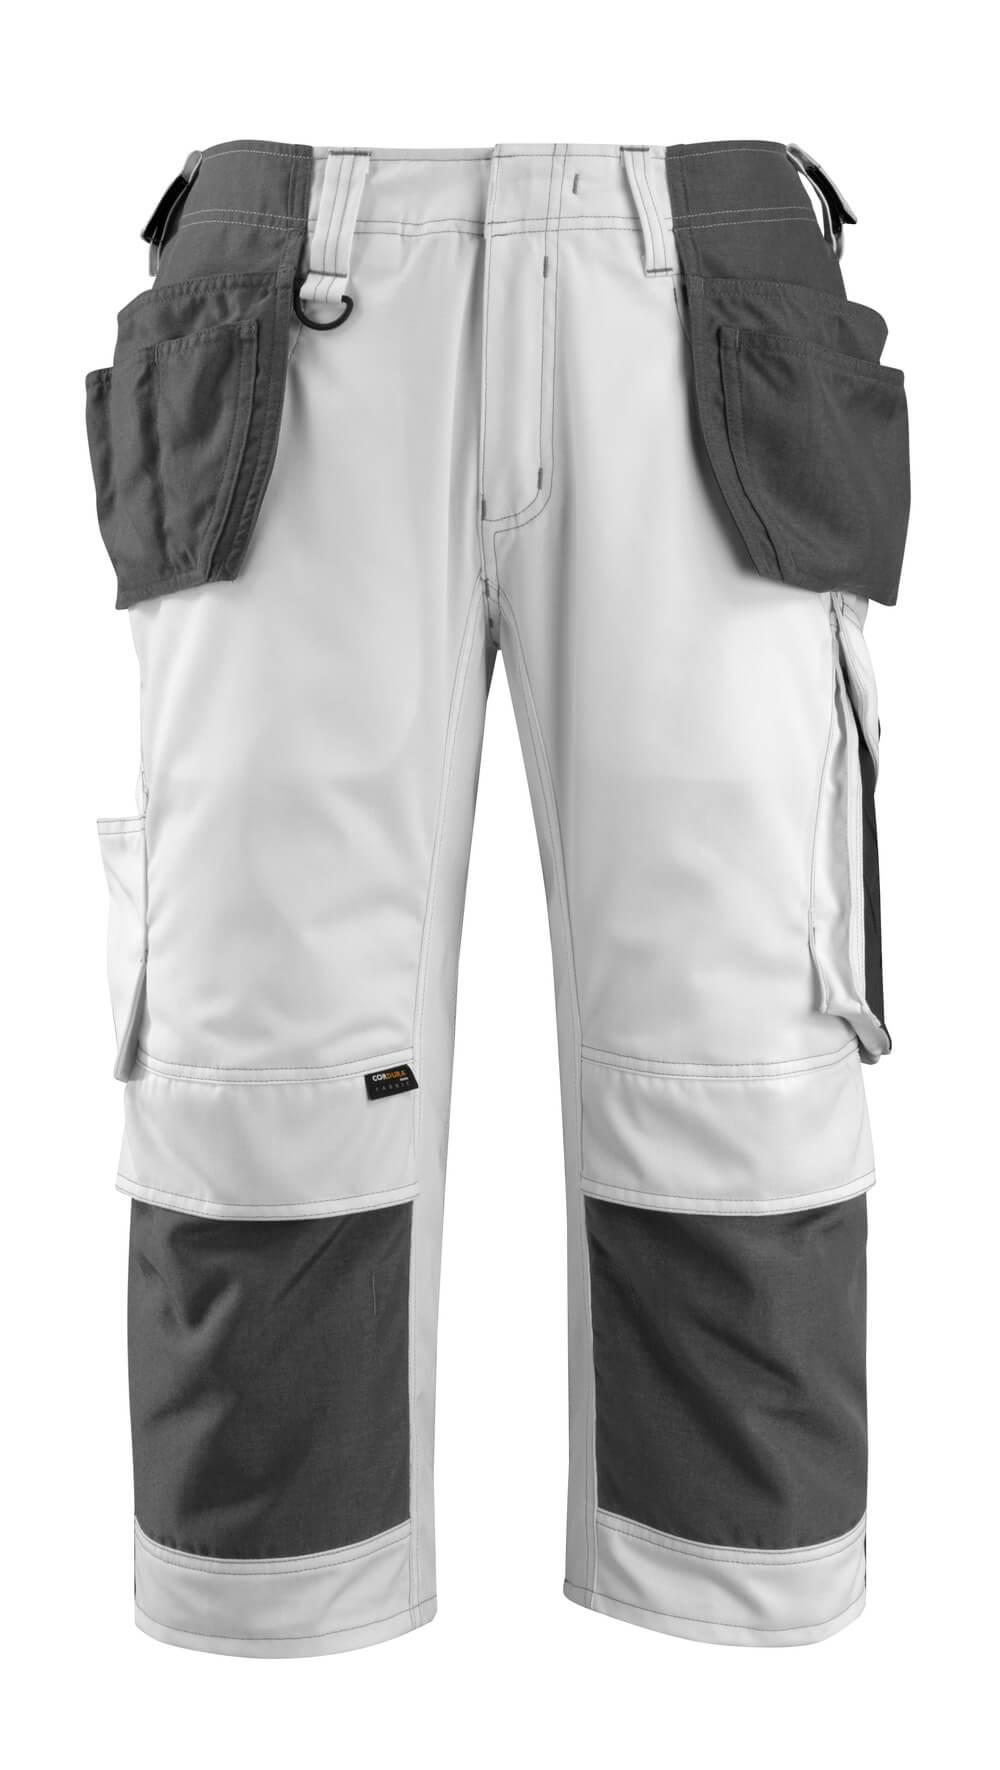 14349-442-0618 Knickers med hængelommer - hvid/mørk antracit